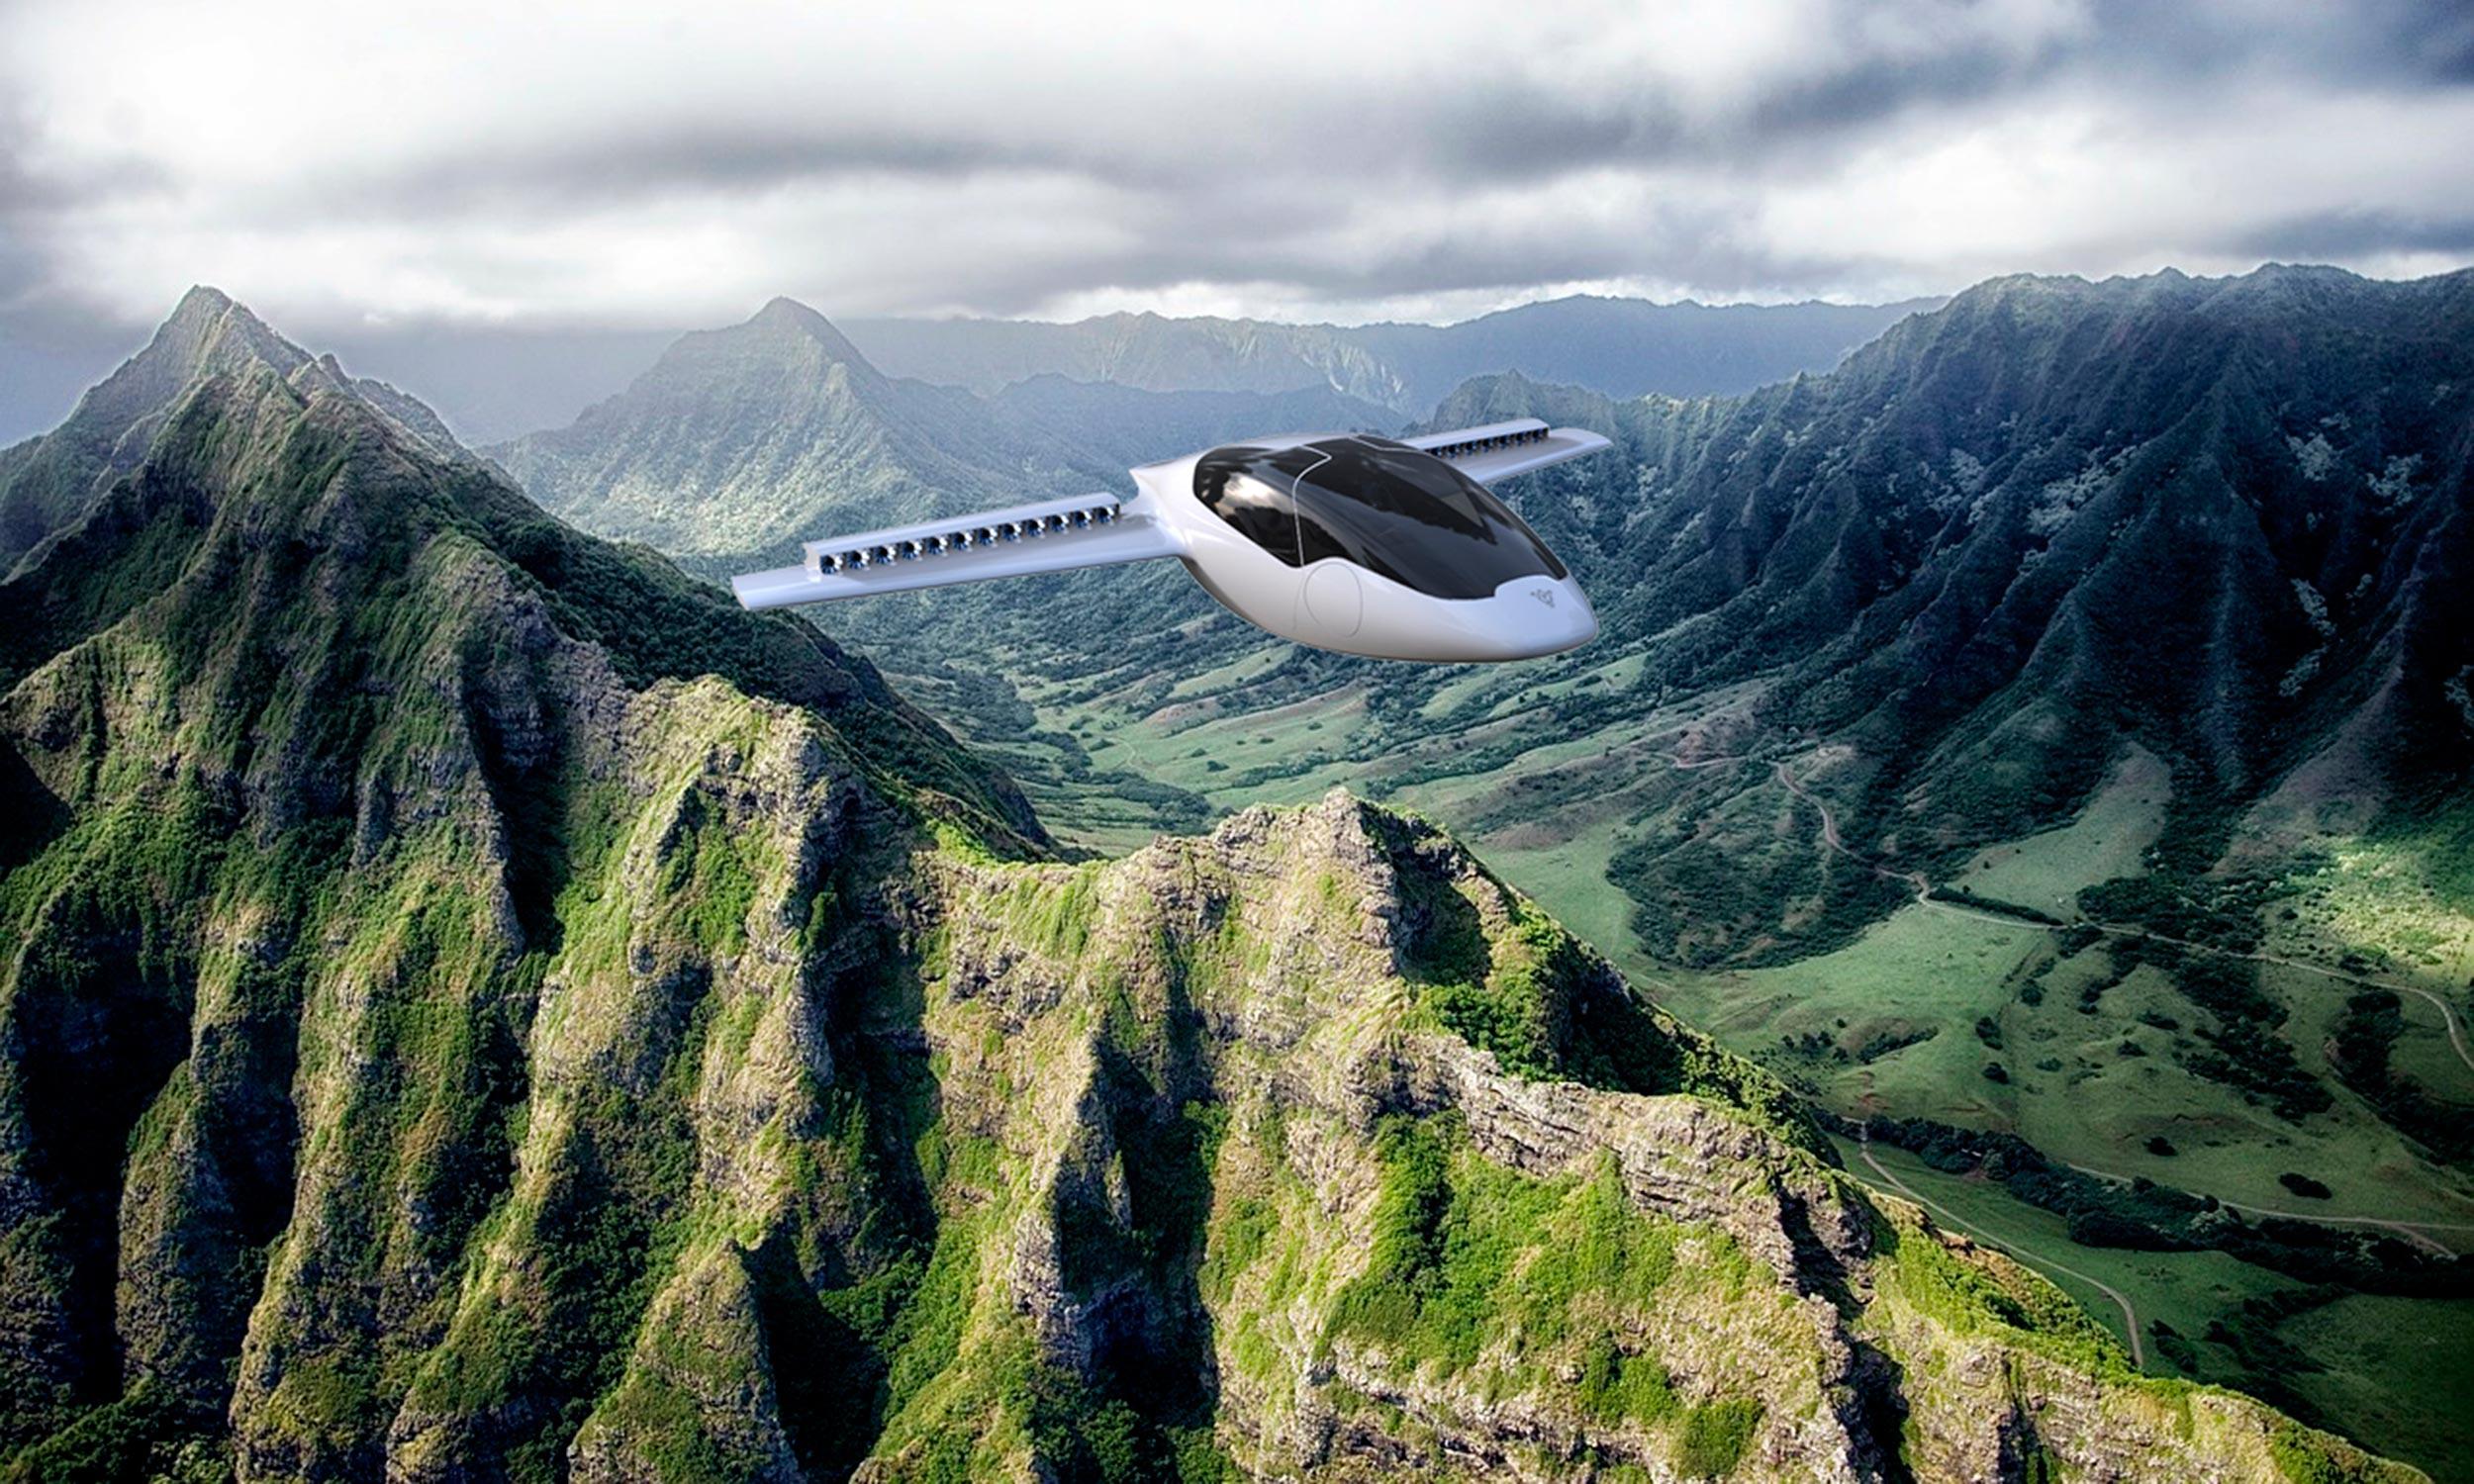 Lilium Jet